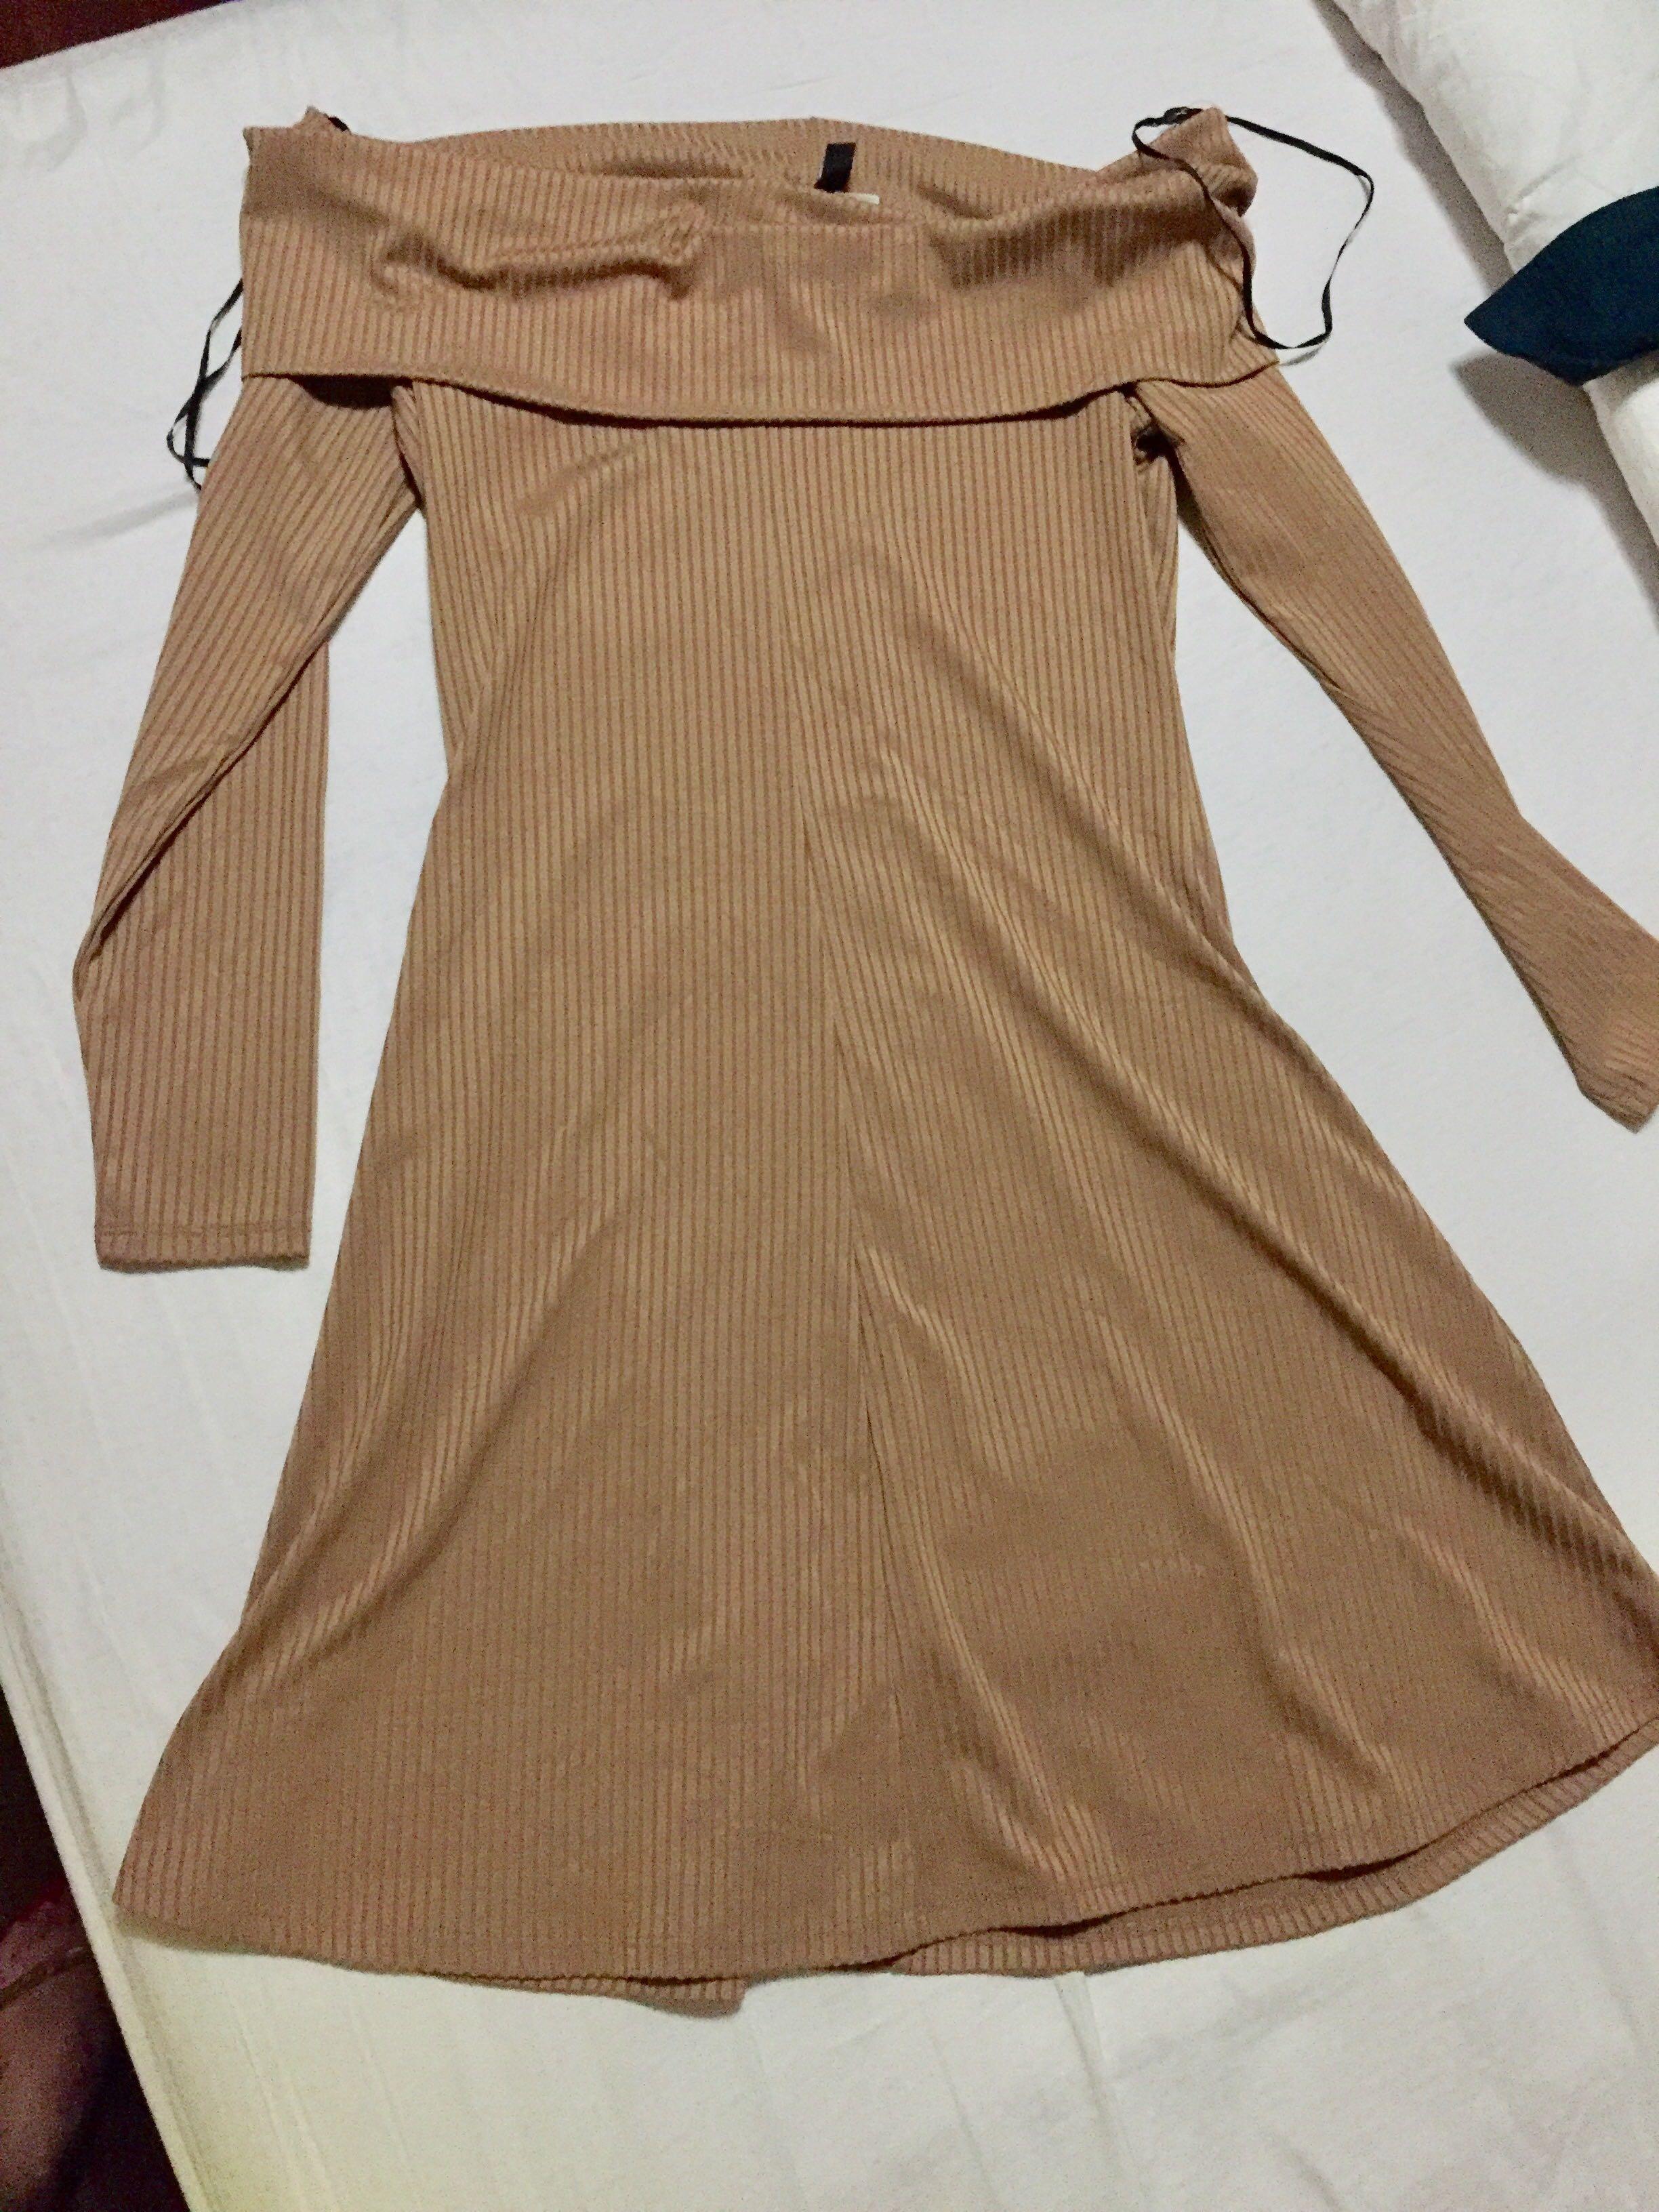 9a68f0cf6432 H M off shoulder dress